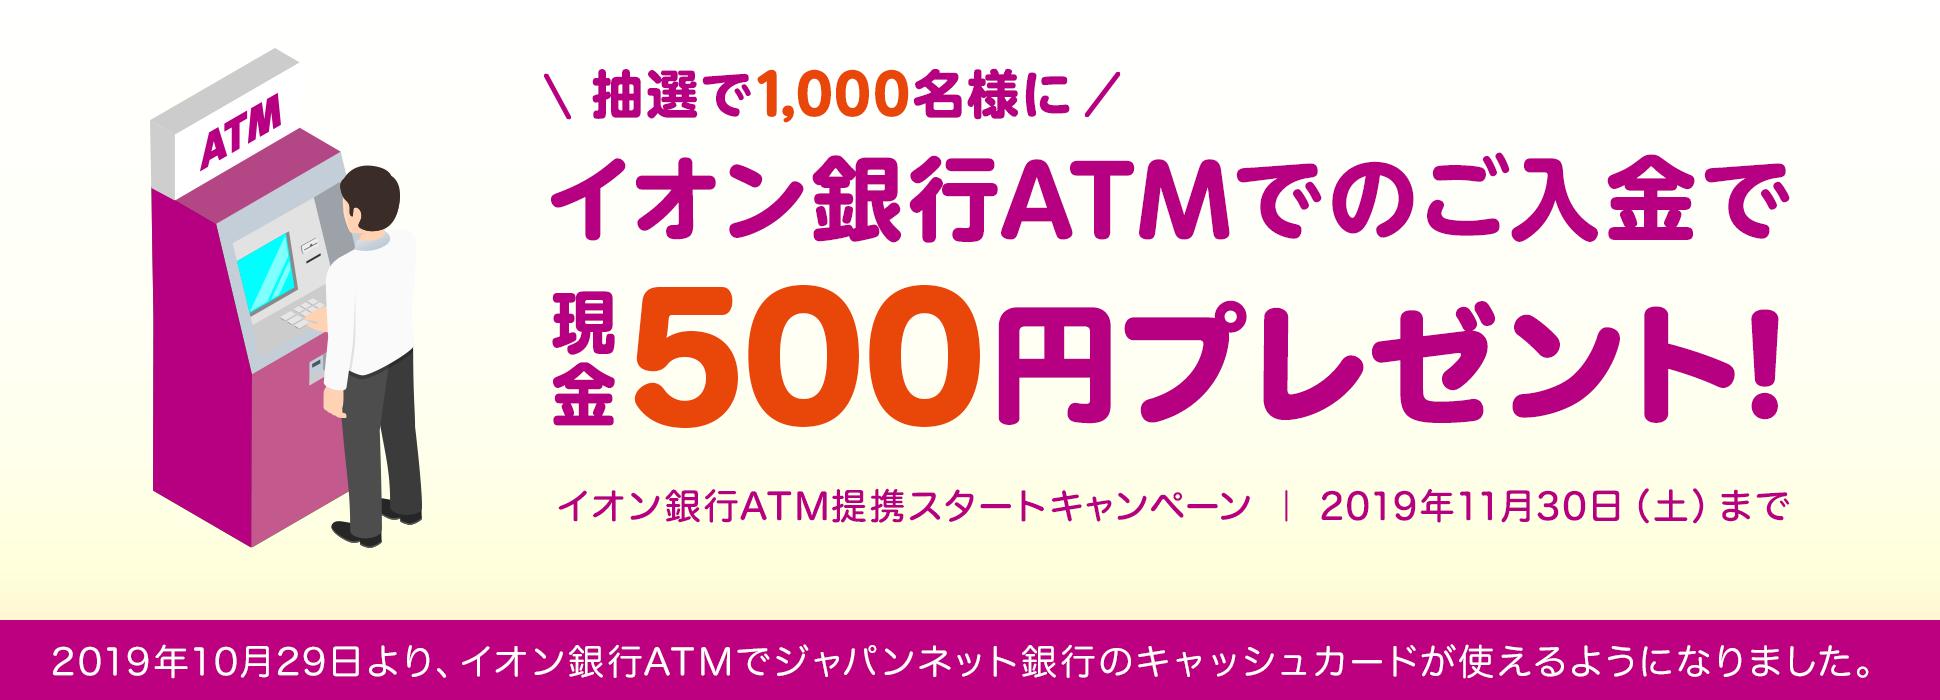 ジャパンネット銀行にイオン銀行ATMから入金すると、抽選で1000名に500円が貰える。~11/30。